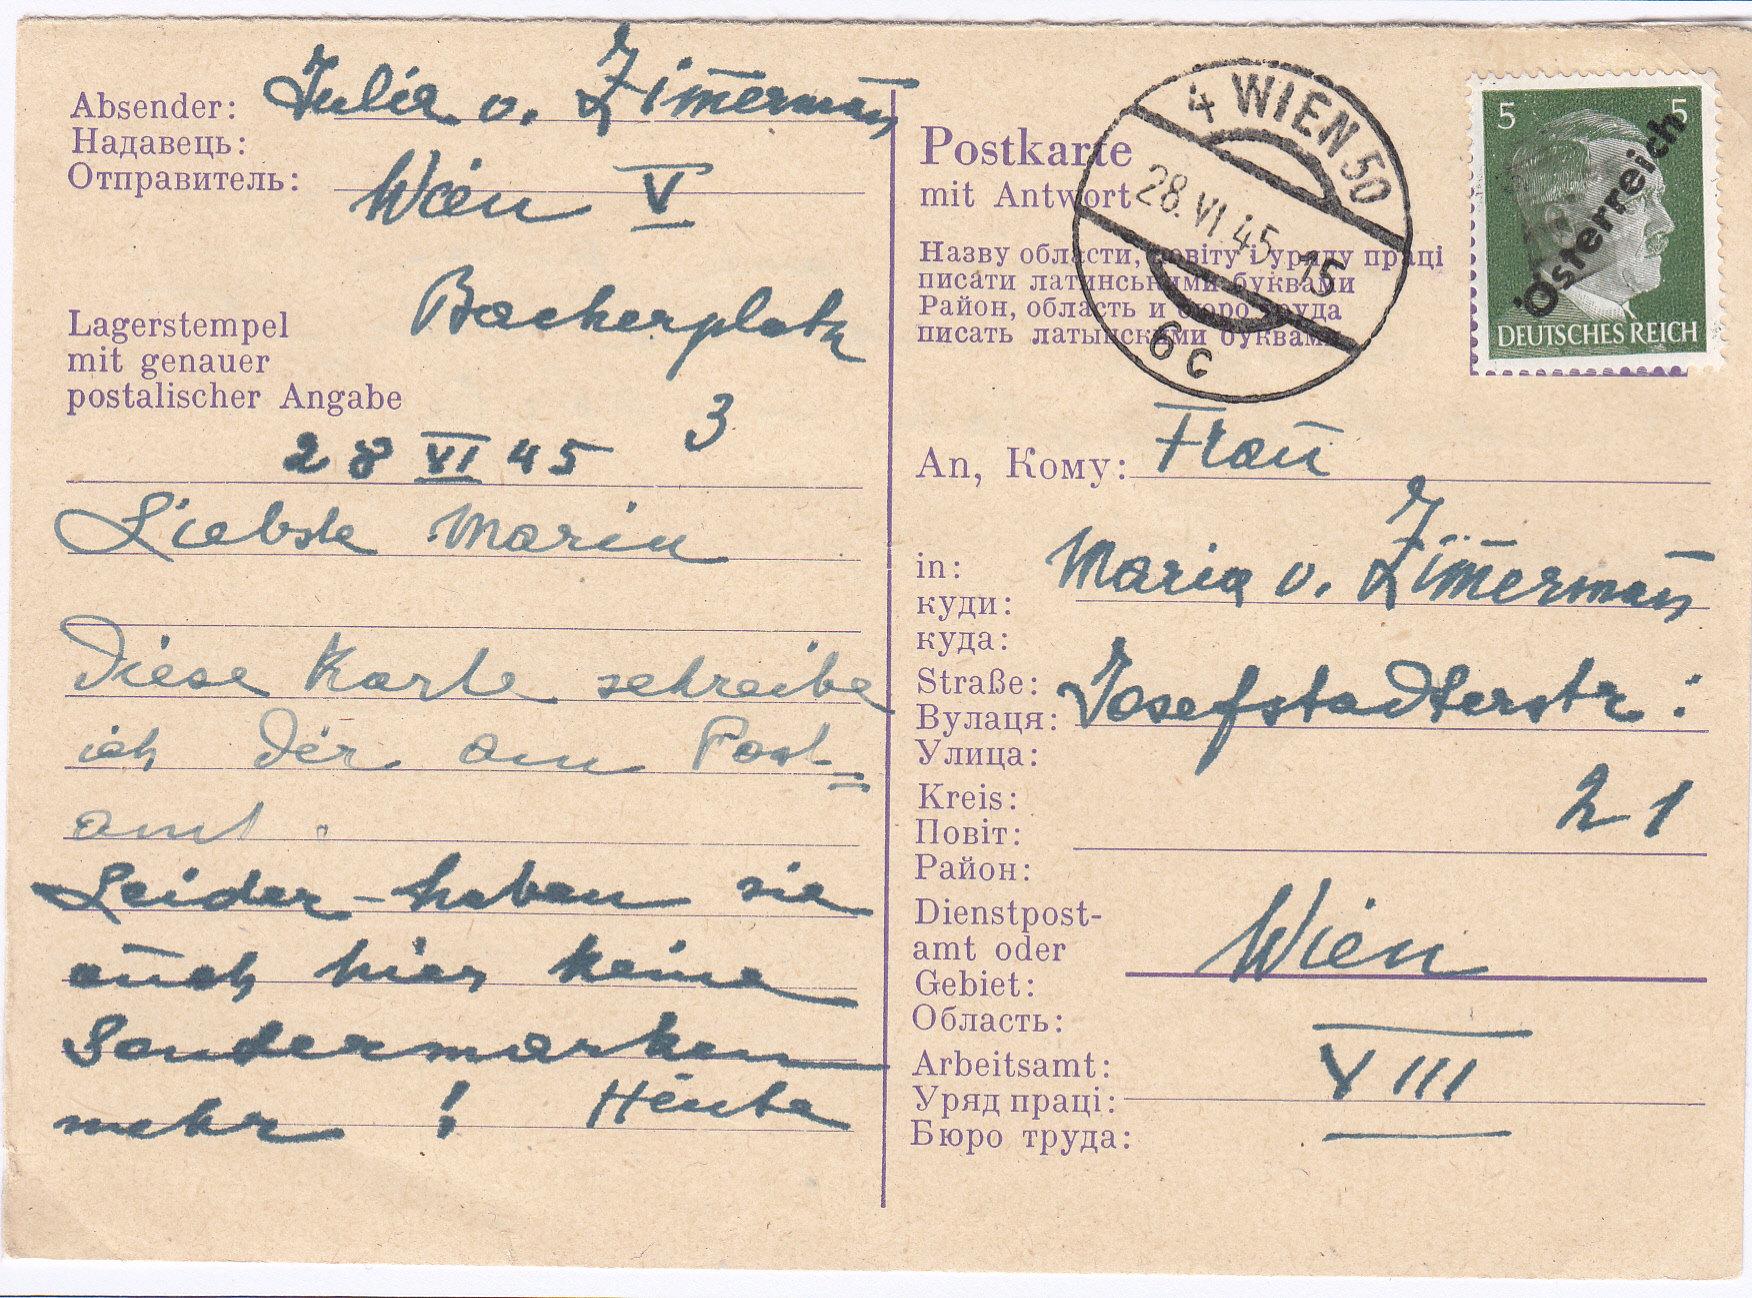 1945 - Notmaßnahmen und Provisorien bei Postkarten 1945-1948 - Seite 2 Img292